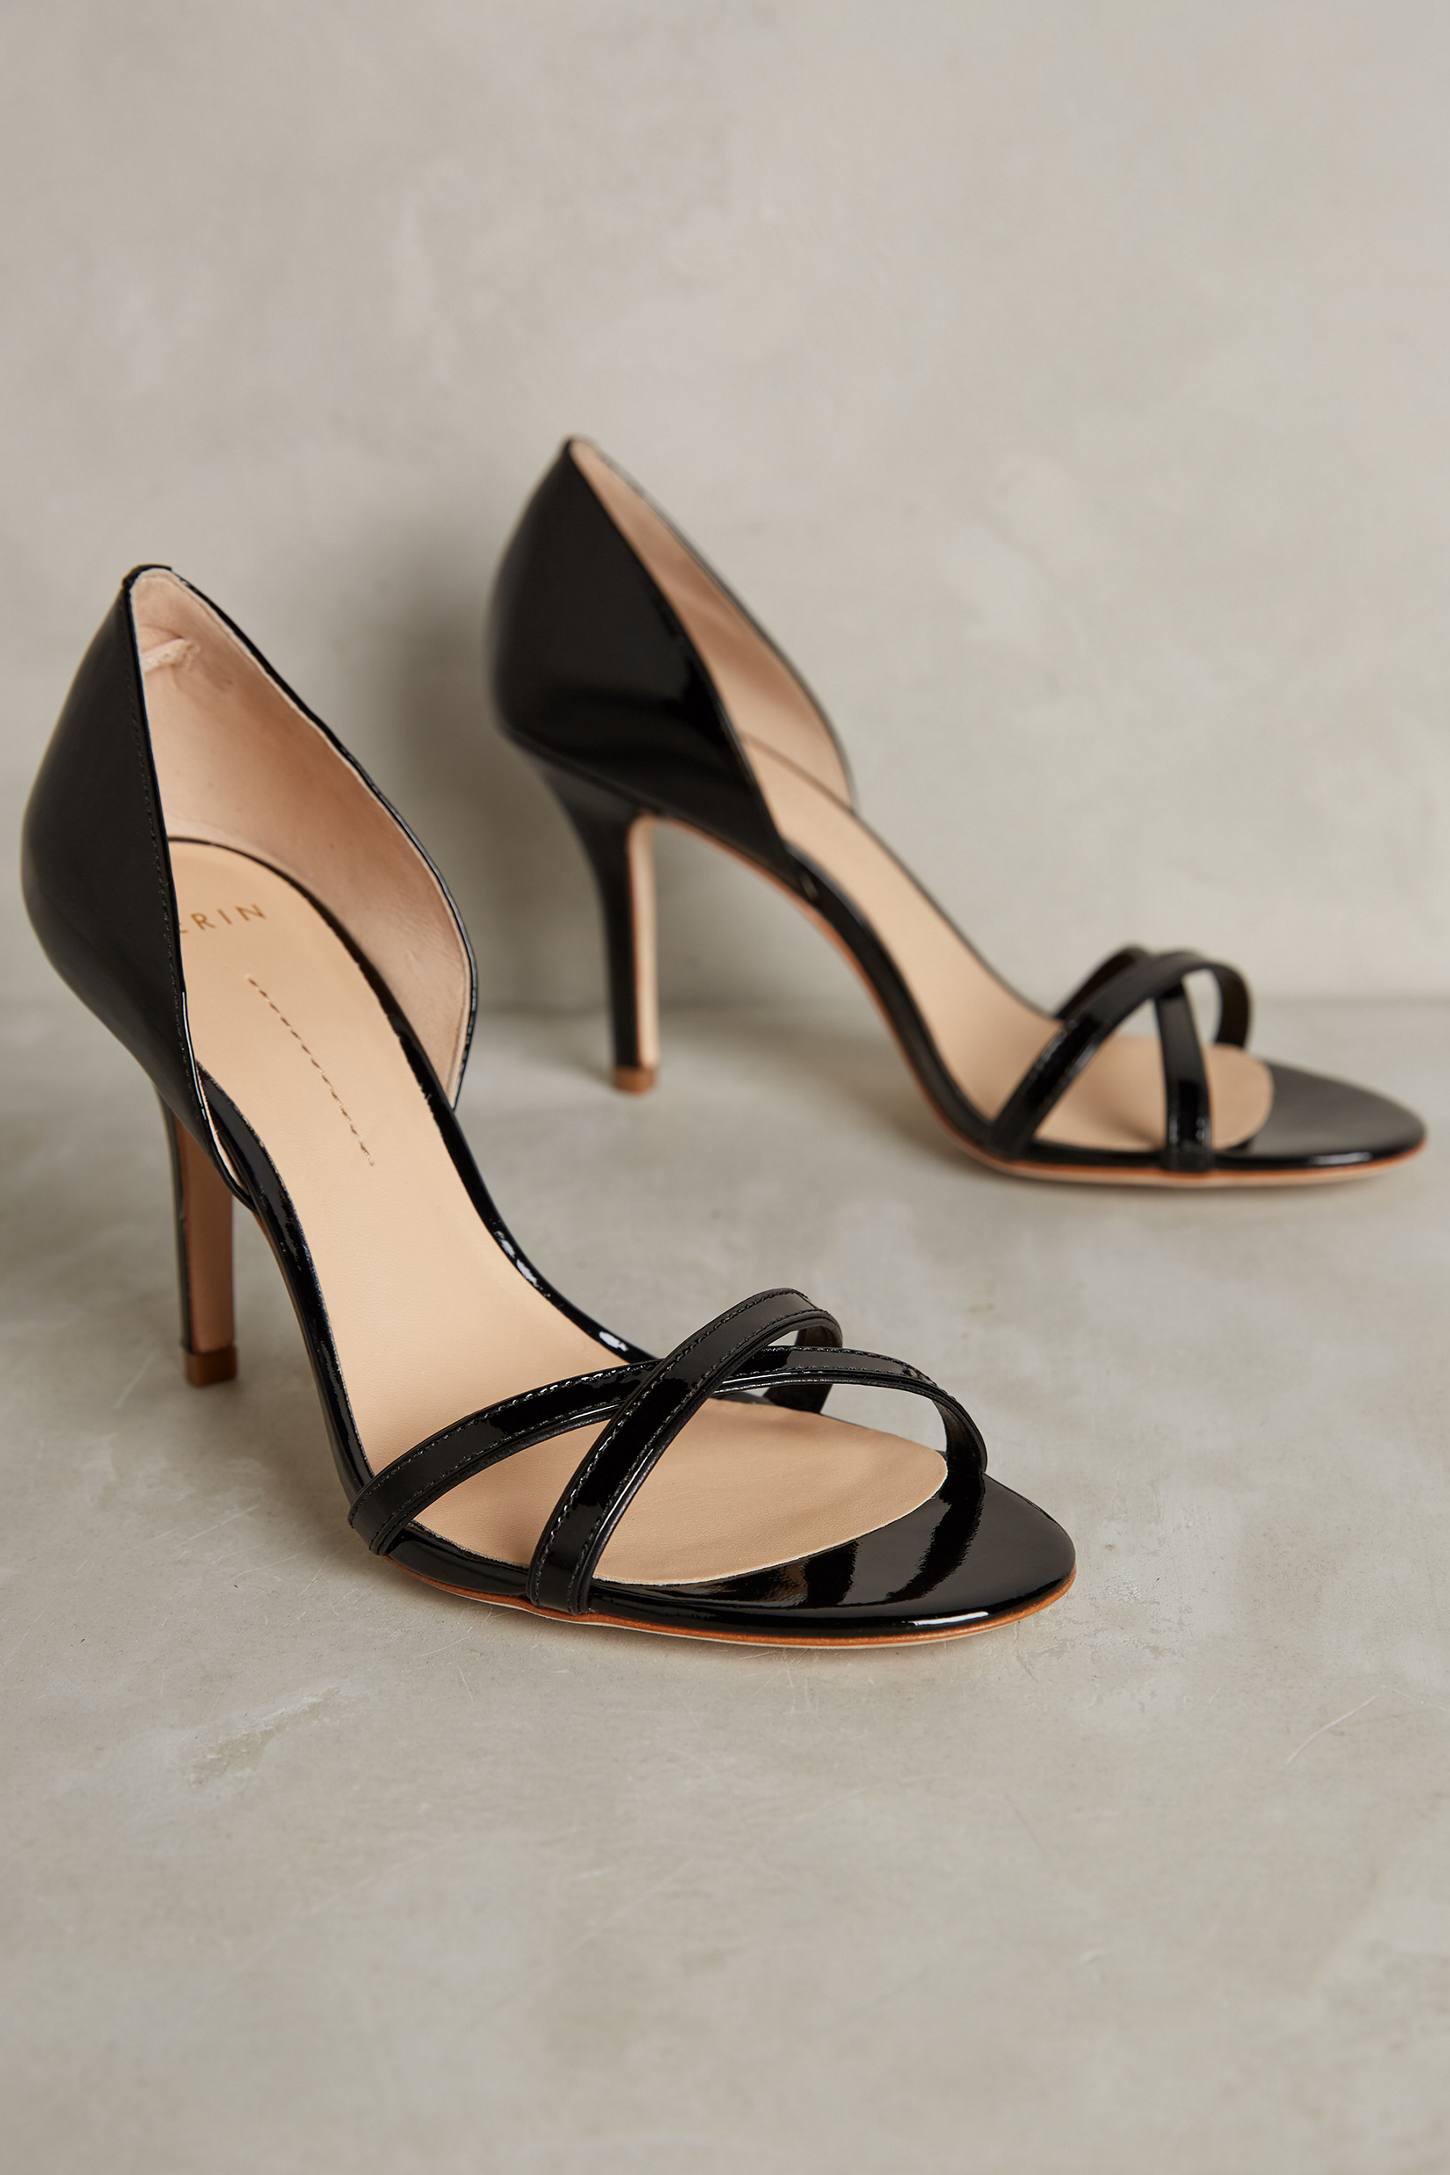 Aerin Cocobay Heels